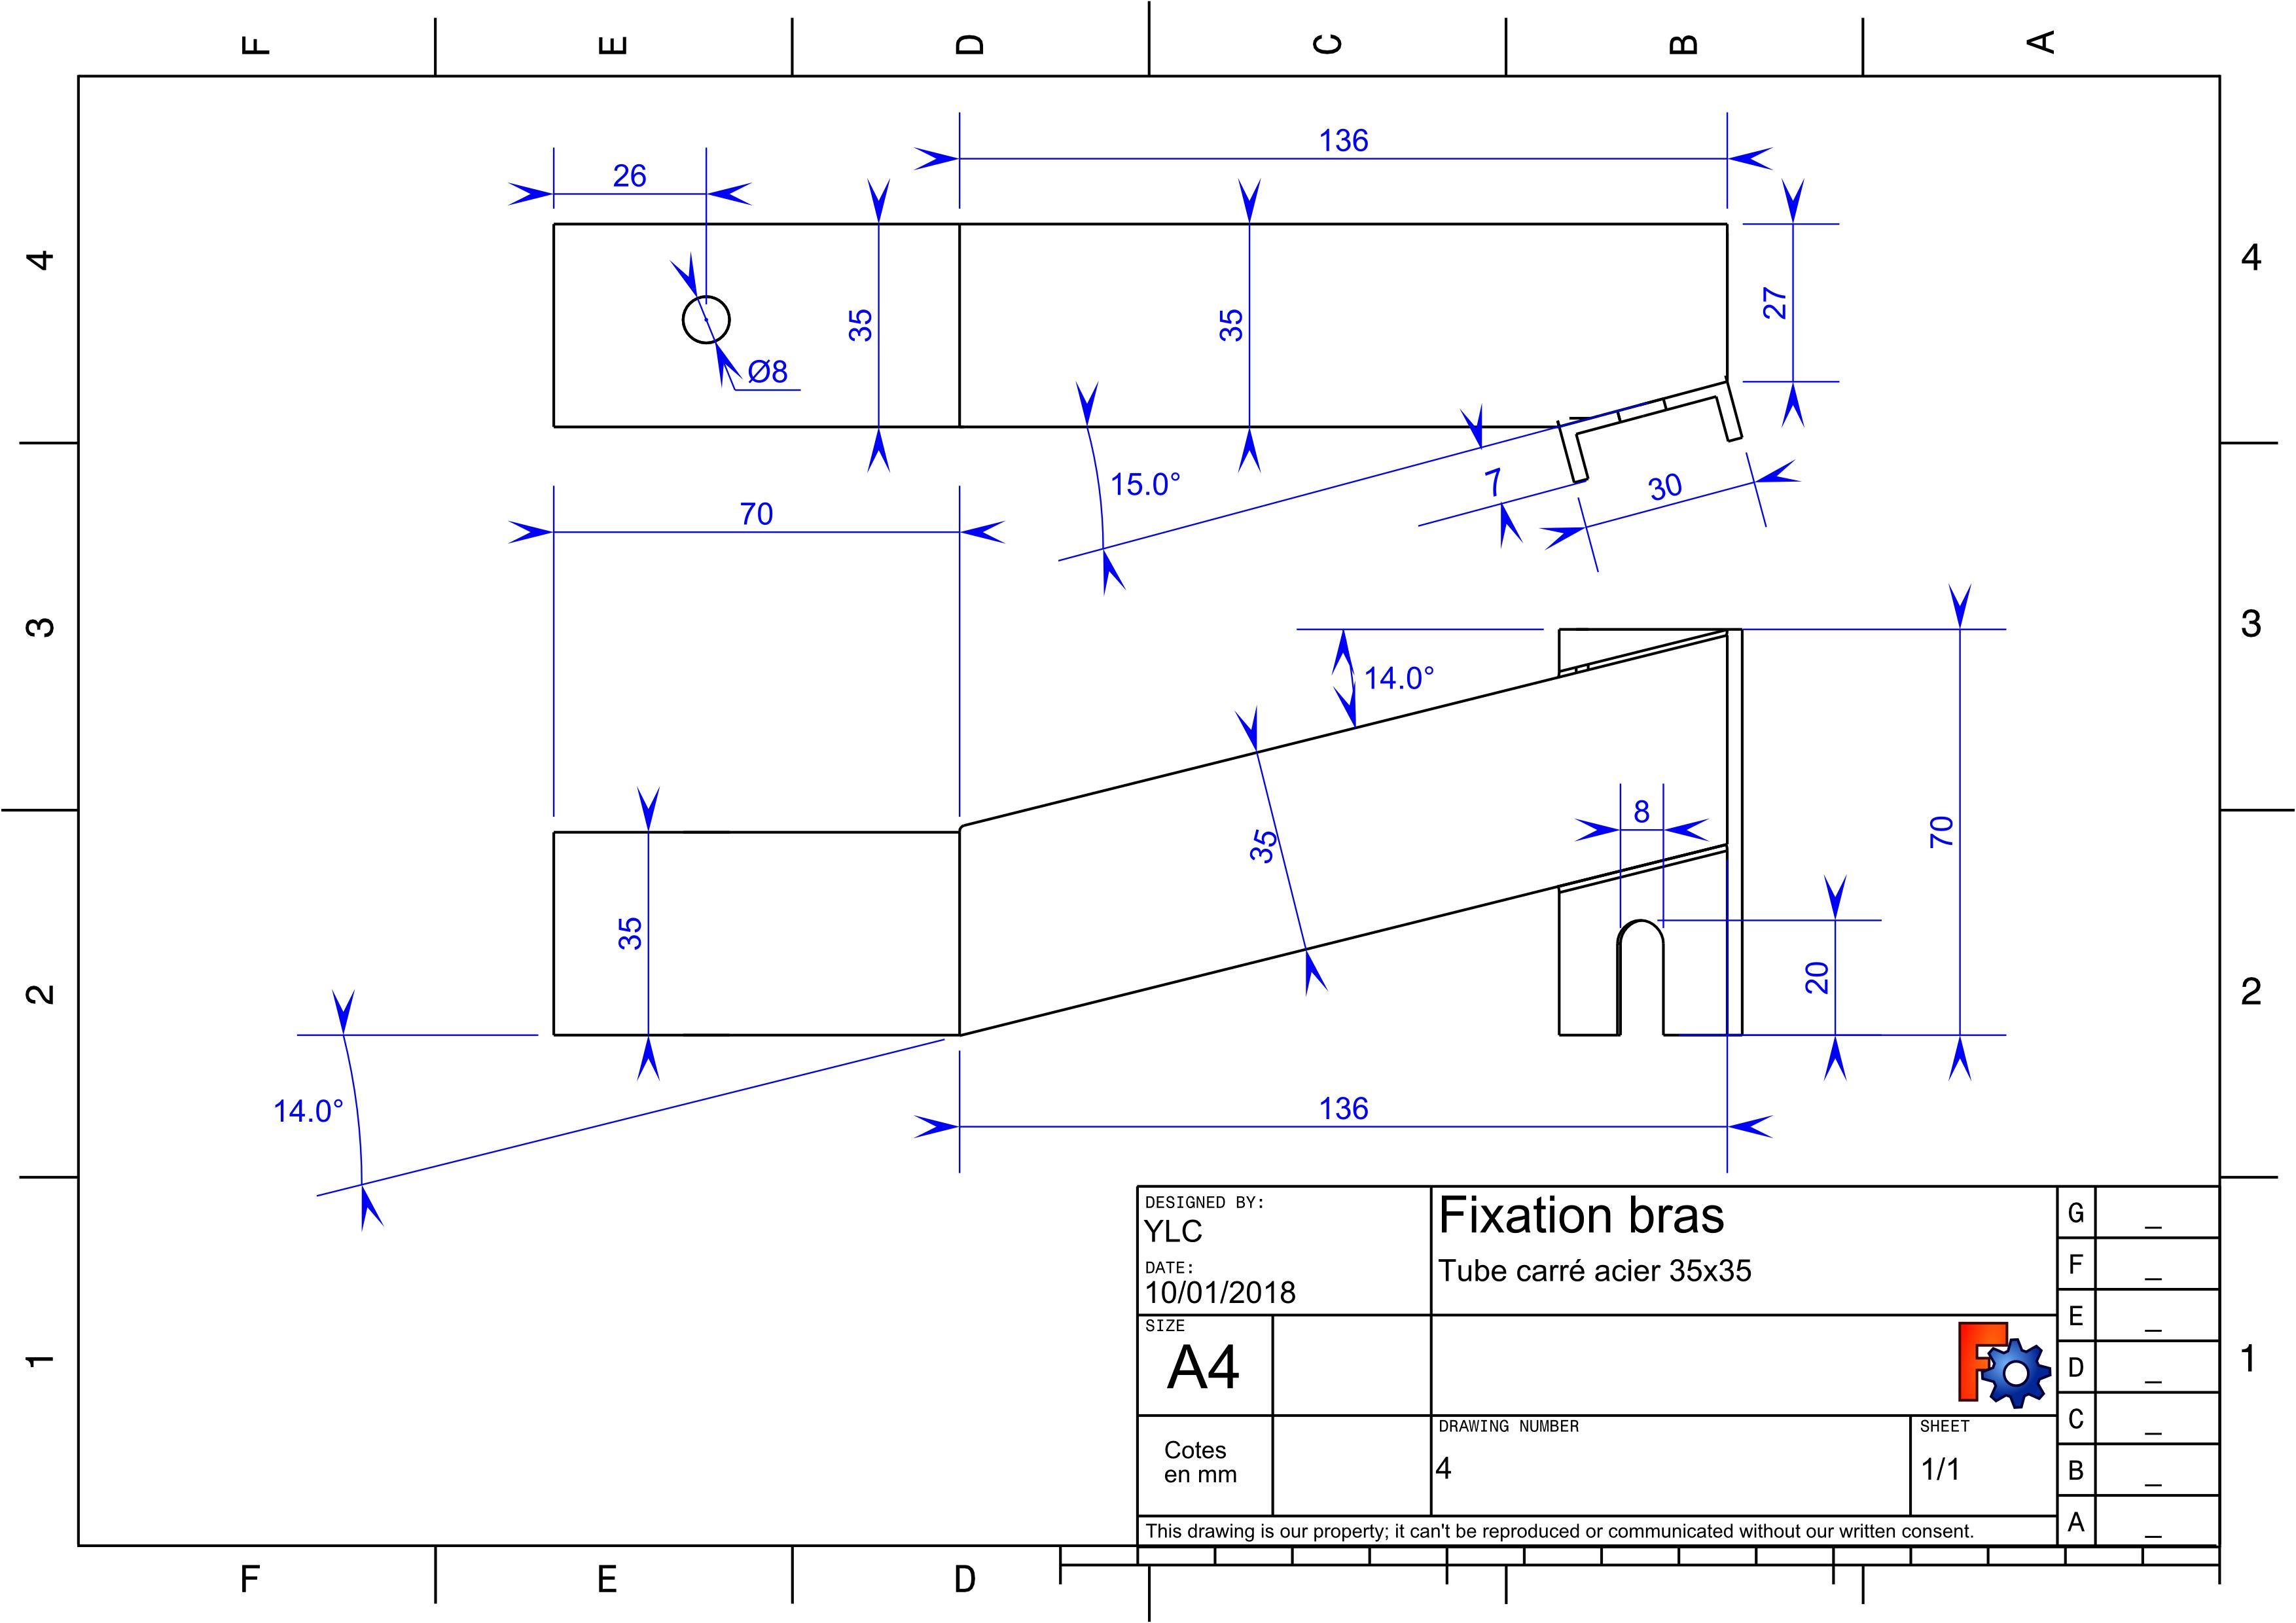 Annexe4 plan des pièces en métal : Fixation du bras assemblée (soudée)